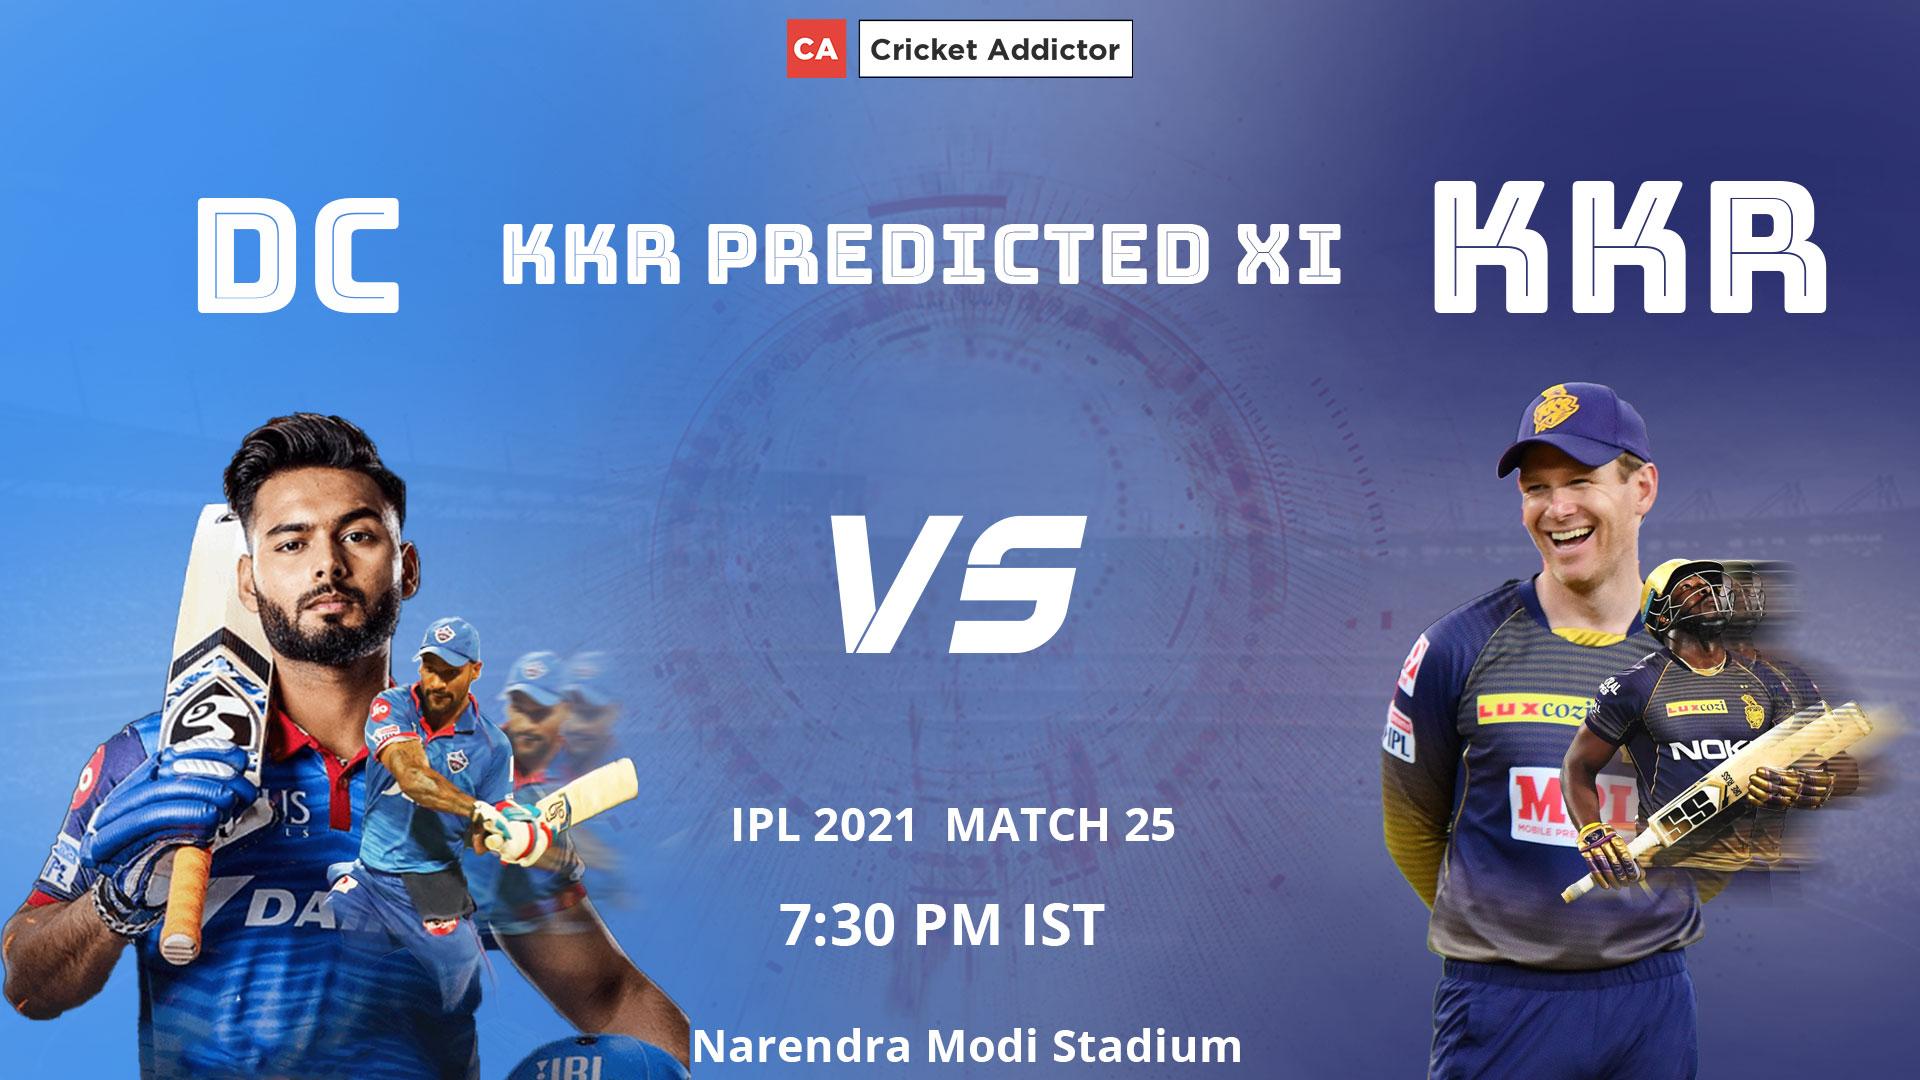 IPL 2021, Kolkata Knight Riders, KKR, predicted playing XI, playing XI, DC vs KKR